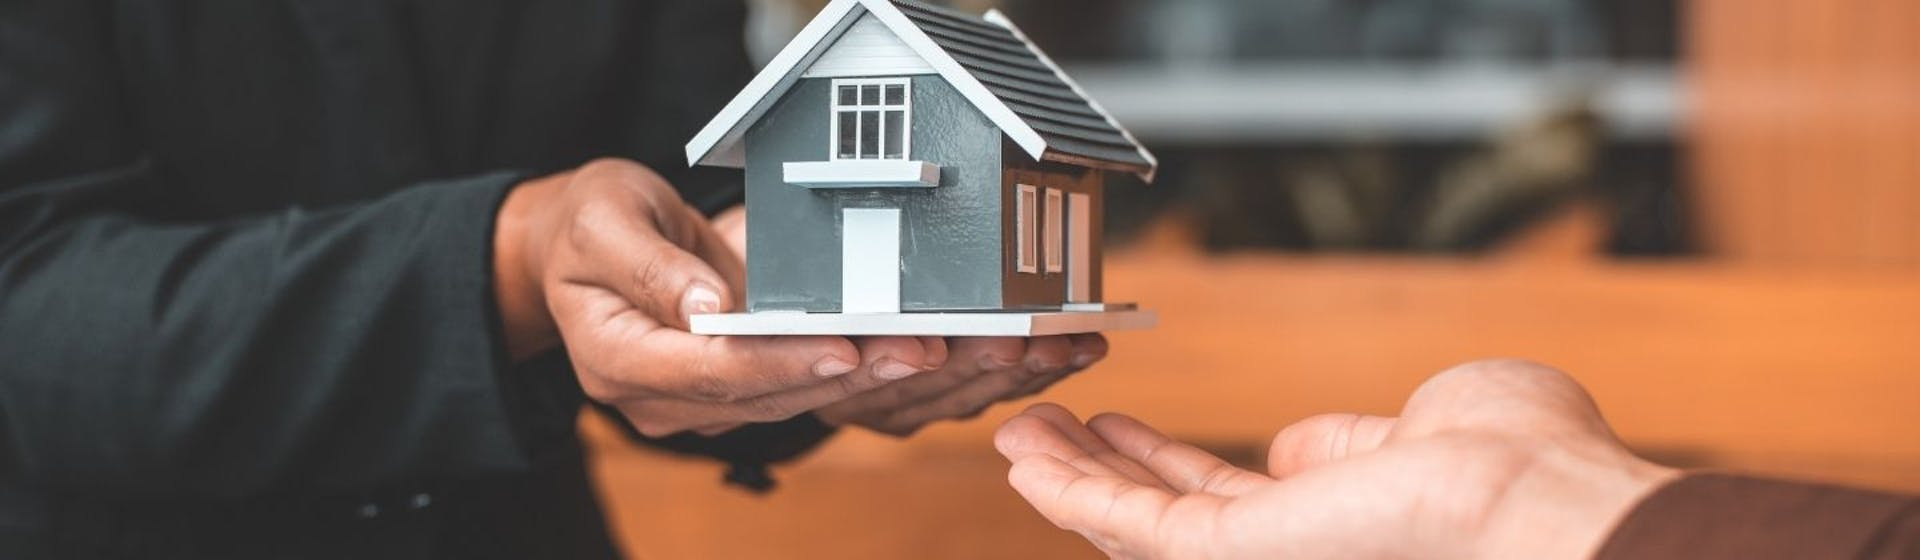 Marketing Inmobiliario: Descubre el arte de vender un inmueble